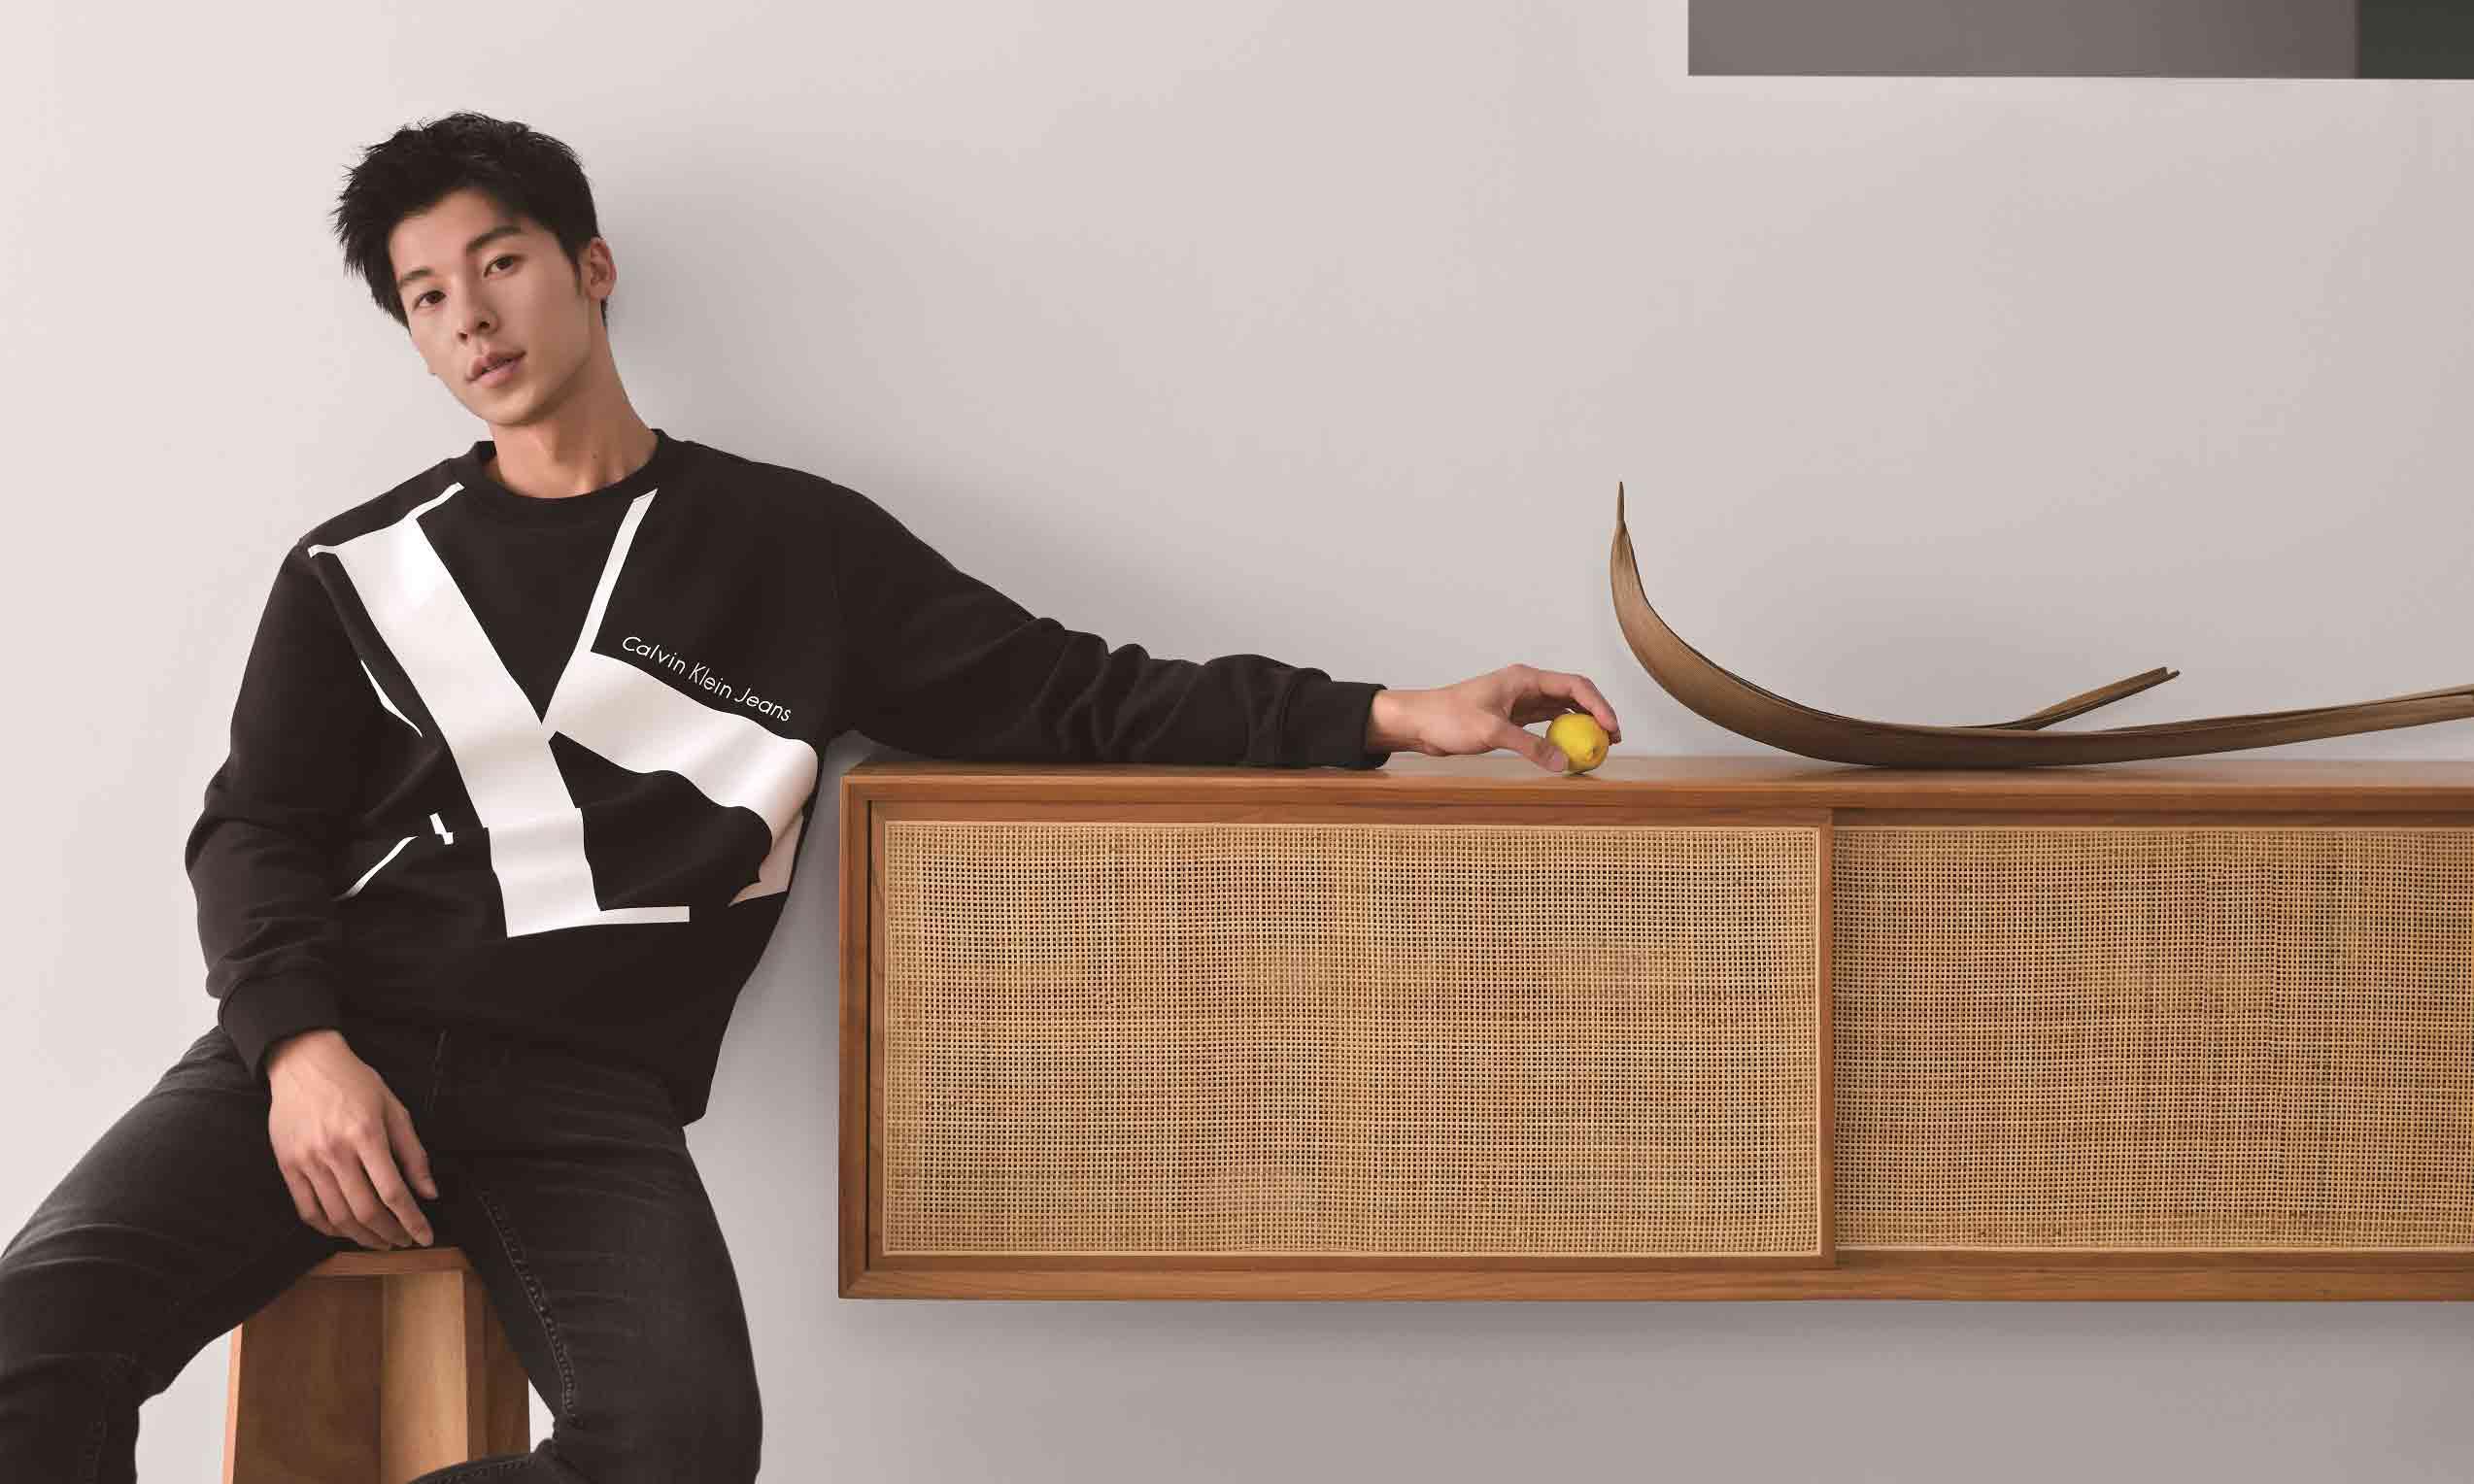 许光汉温柔演绎 ME IN #MYCALVINS#,Calvin Klein 2020 秋冬品牌大片释出